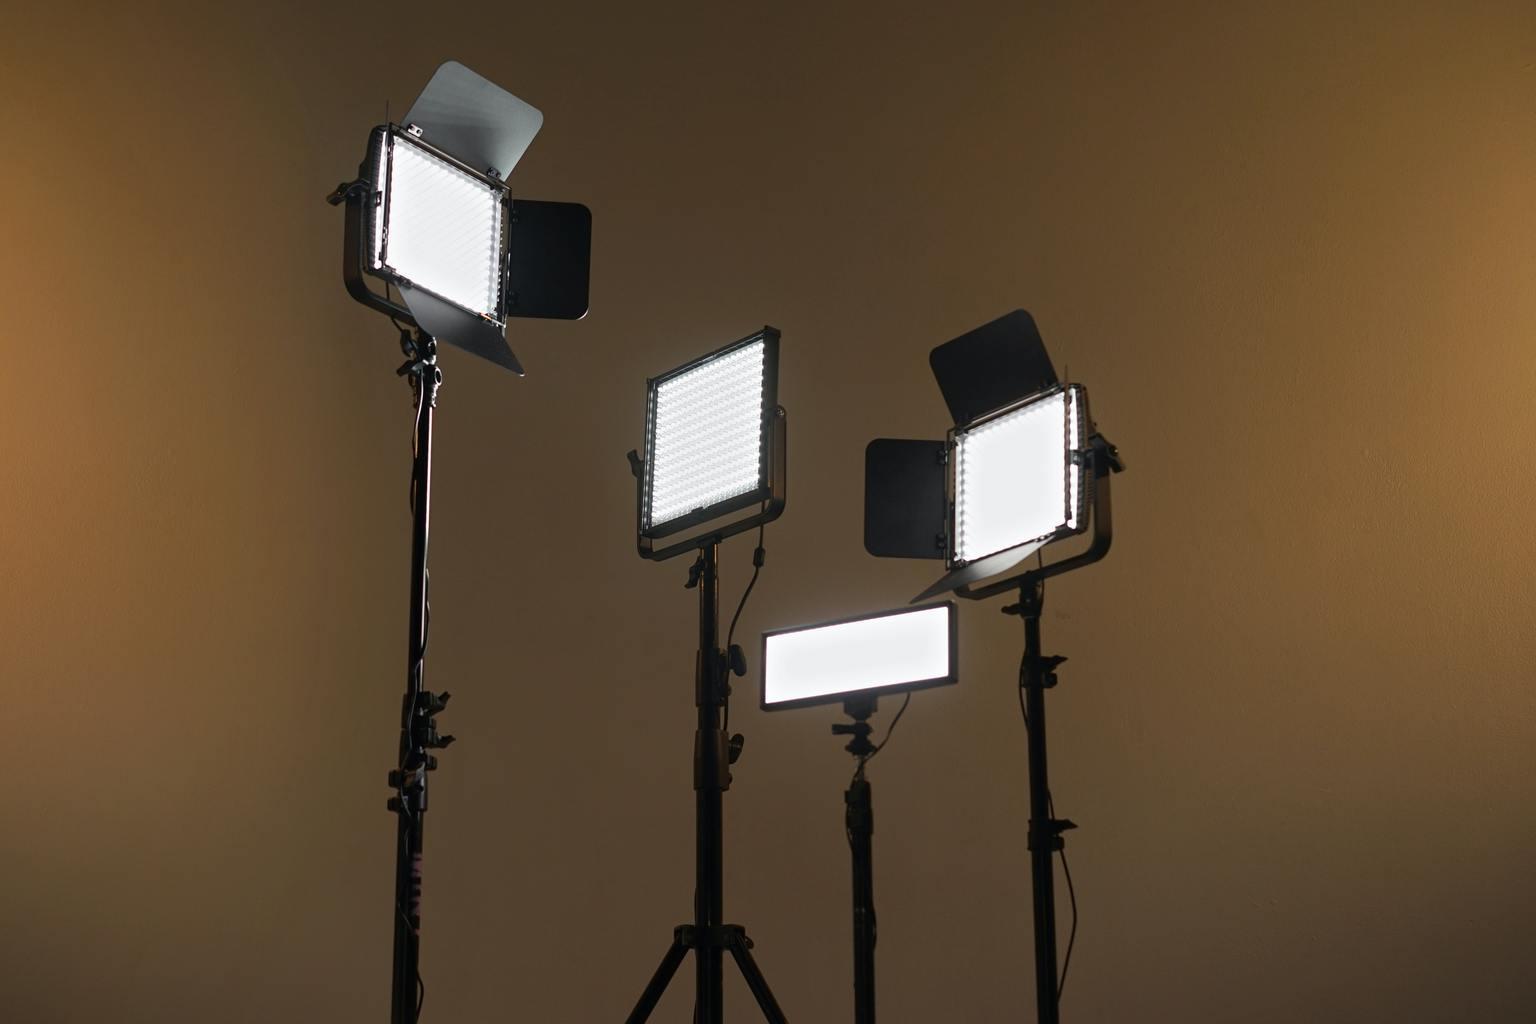 focos de luz continua para fotografía